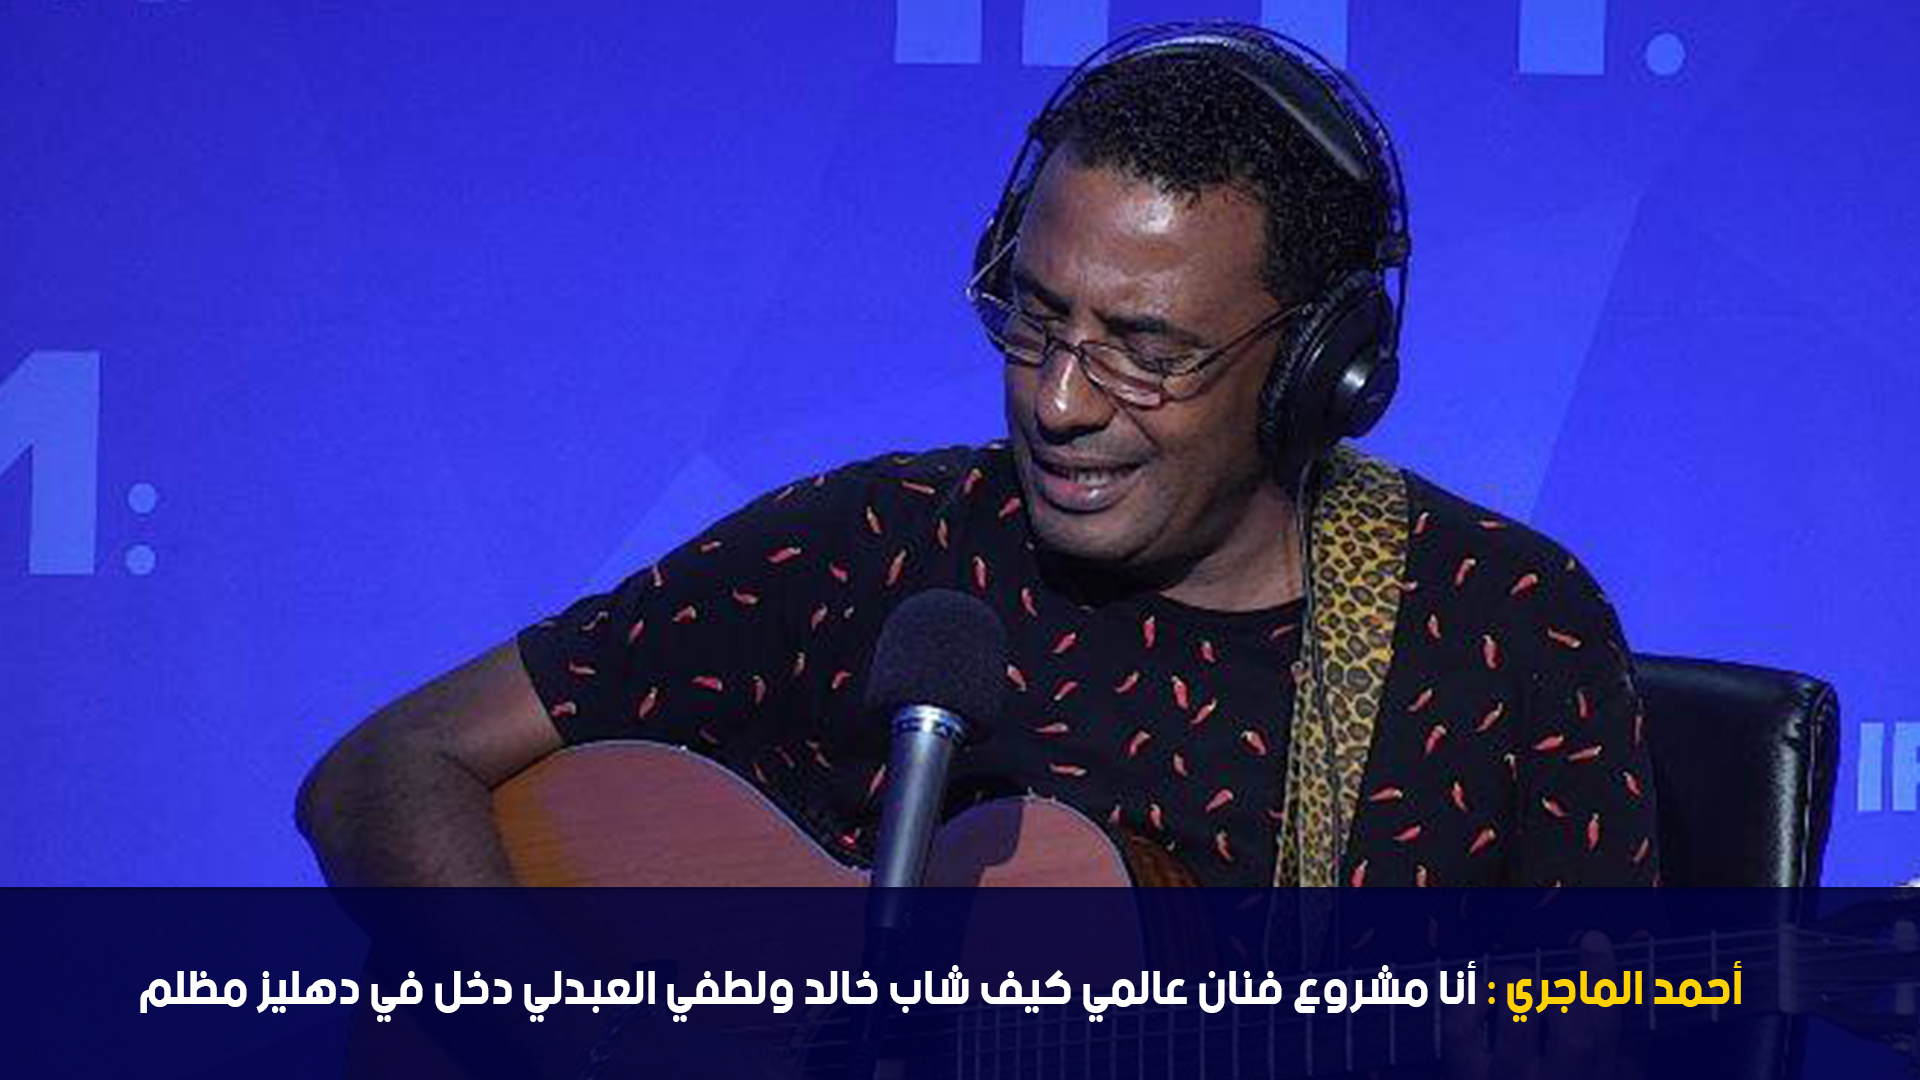 أحمد الماجري:أنا مشروع فنان عالمي كيف شاب خالد ولطفي العبدلي دخل في دهليز مظلم